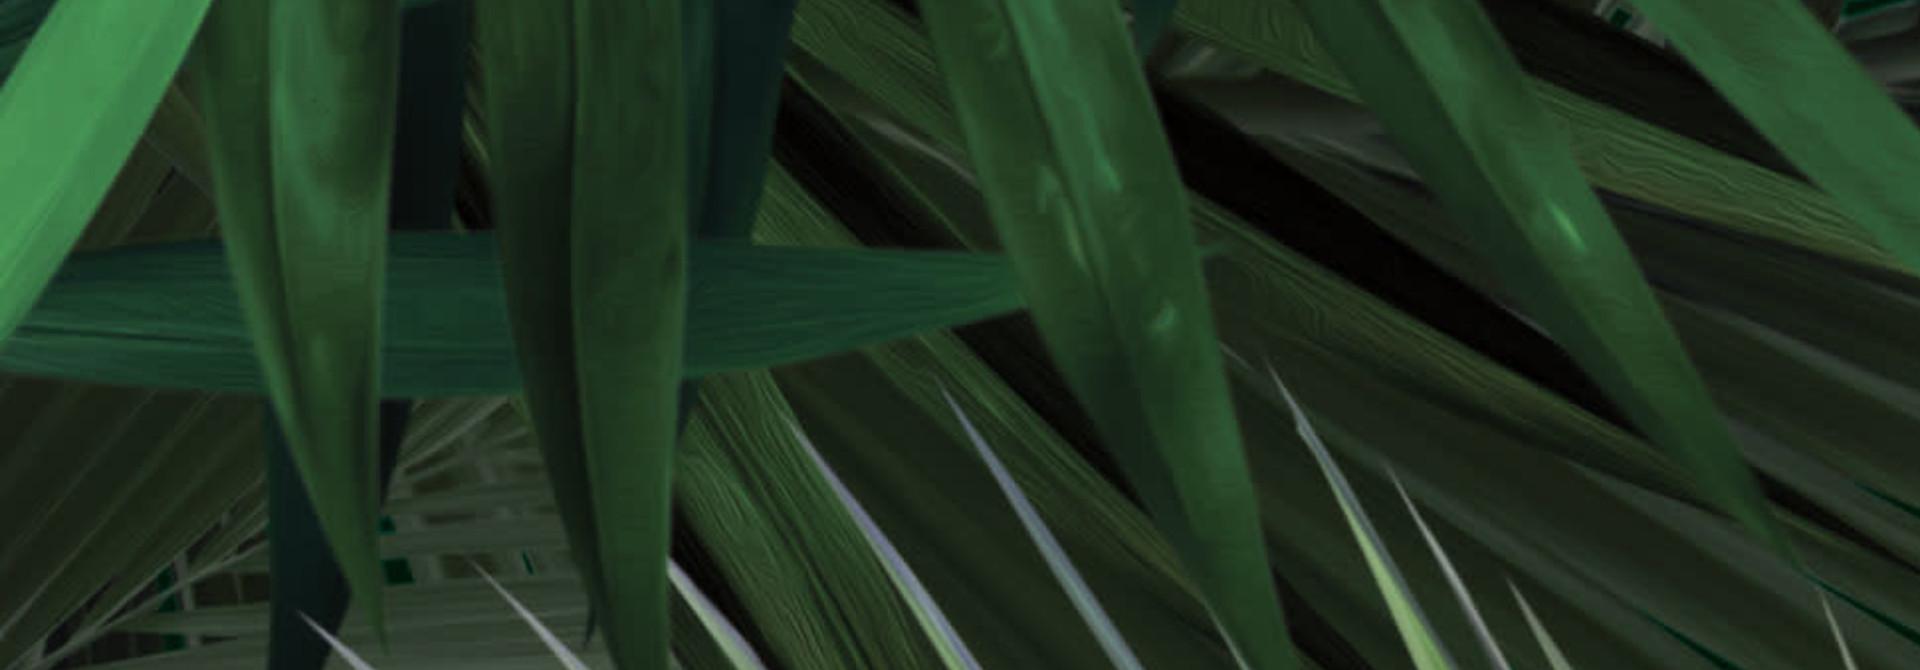 Behang Palm - 97.4 x 280